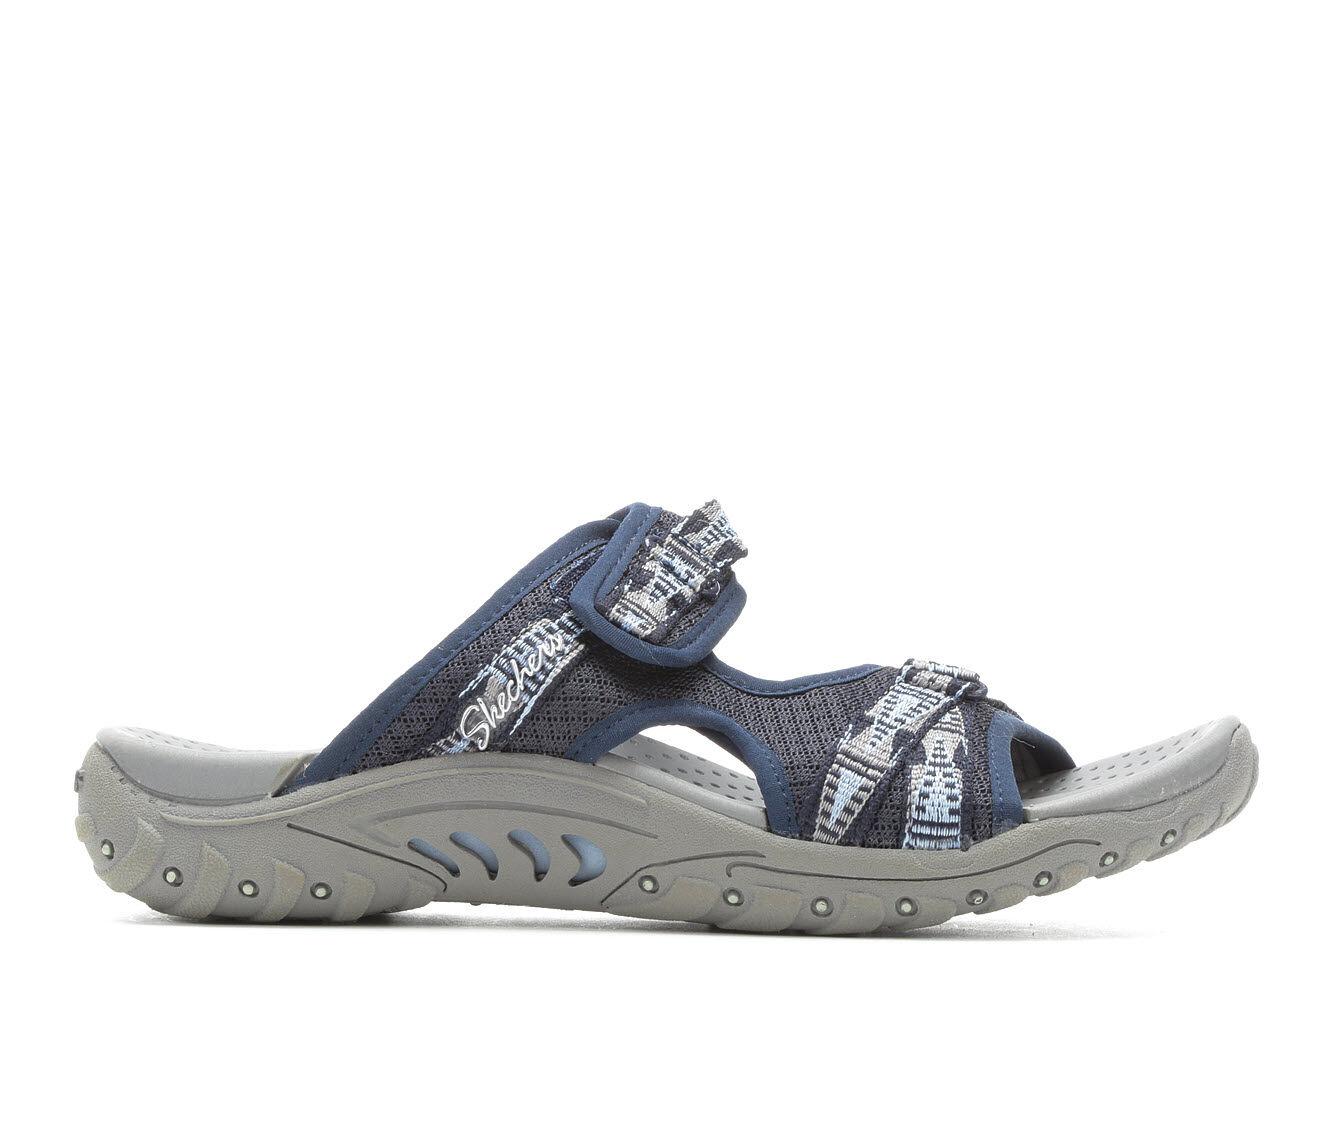 Women's Skechers Sandals | Shoe Carnival